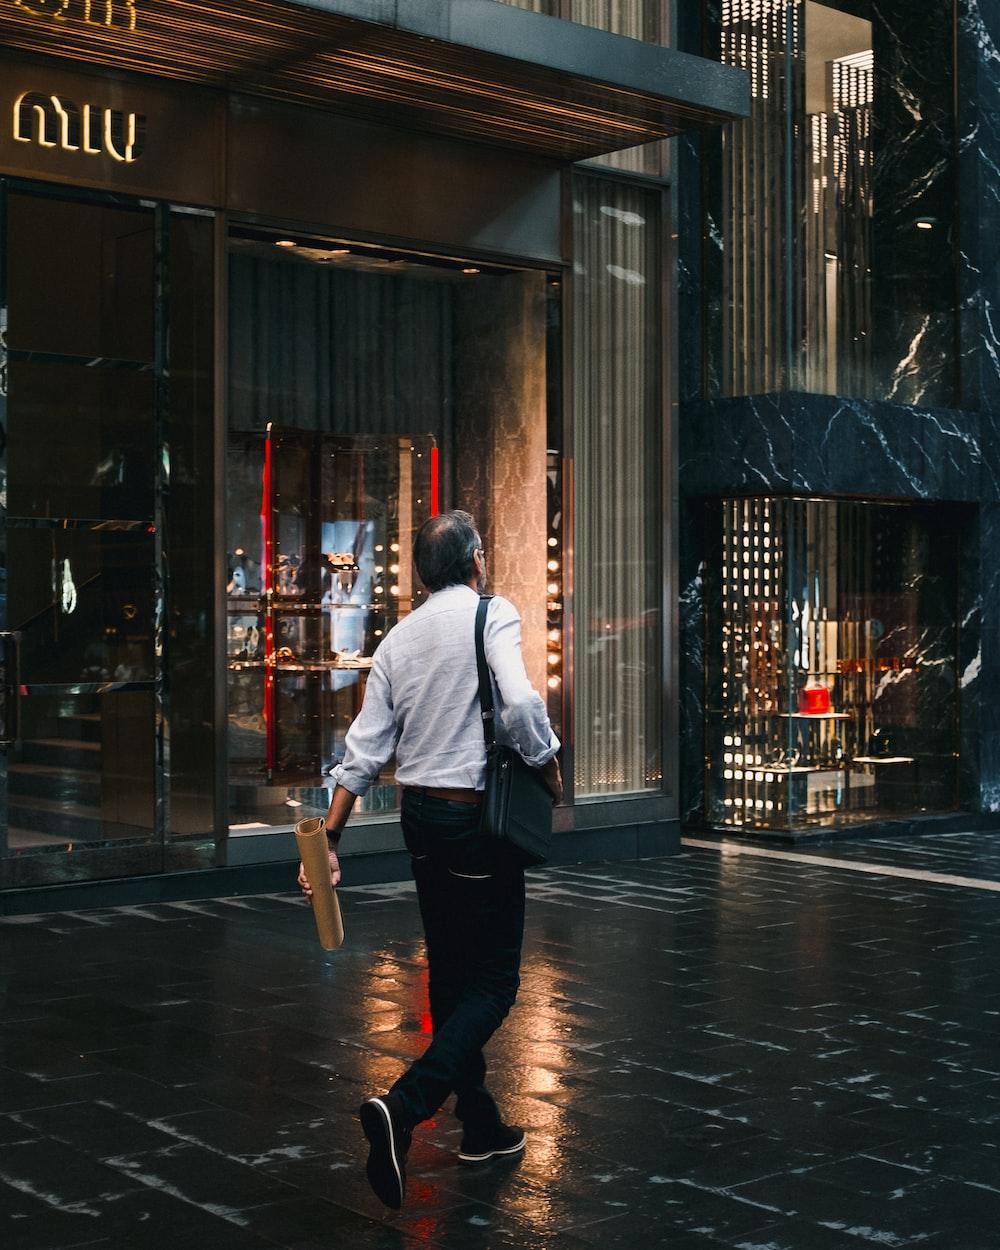 man holding brown tube walking on sidewalk